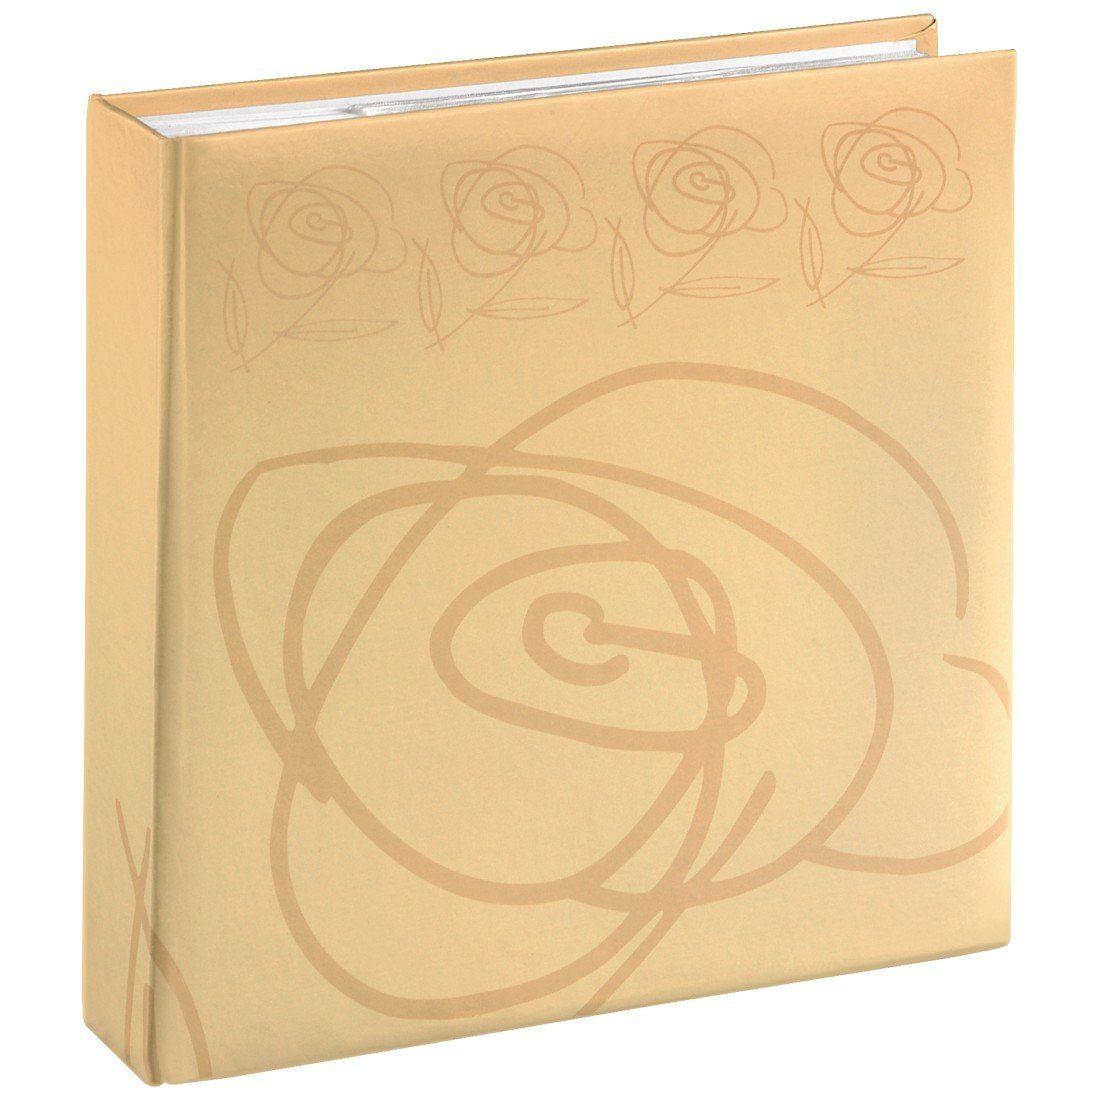 Hama Memo-Album Wild Rose, für 200 Fotos im Format 10x15 cm, Beige